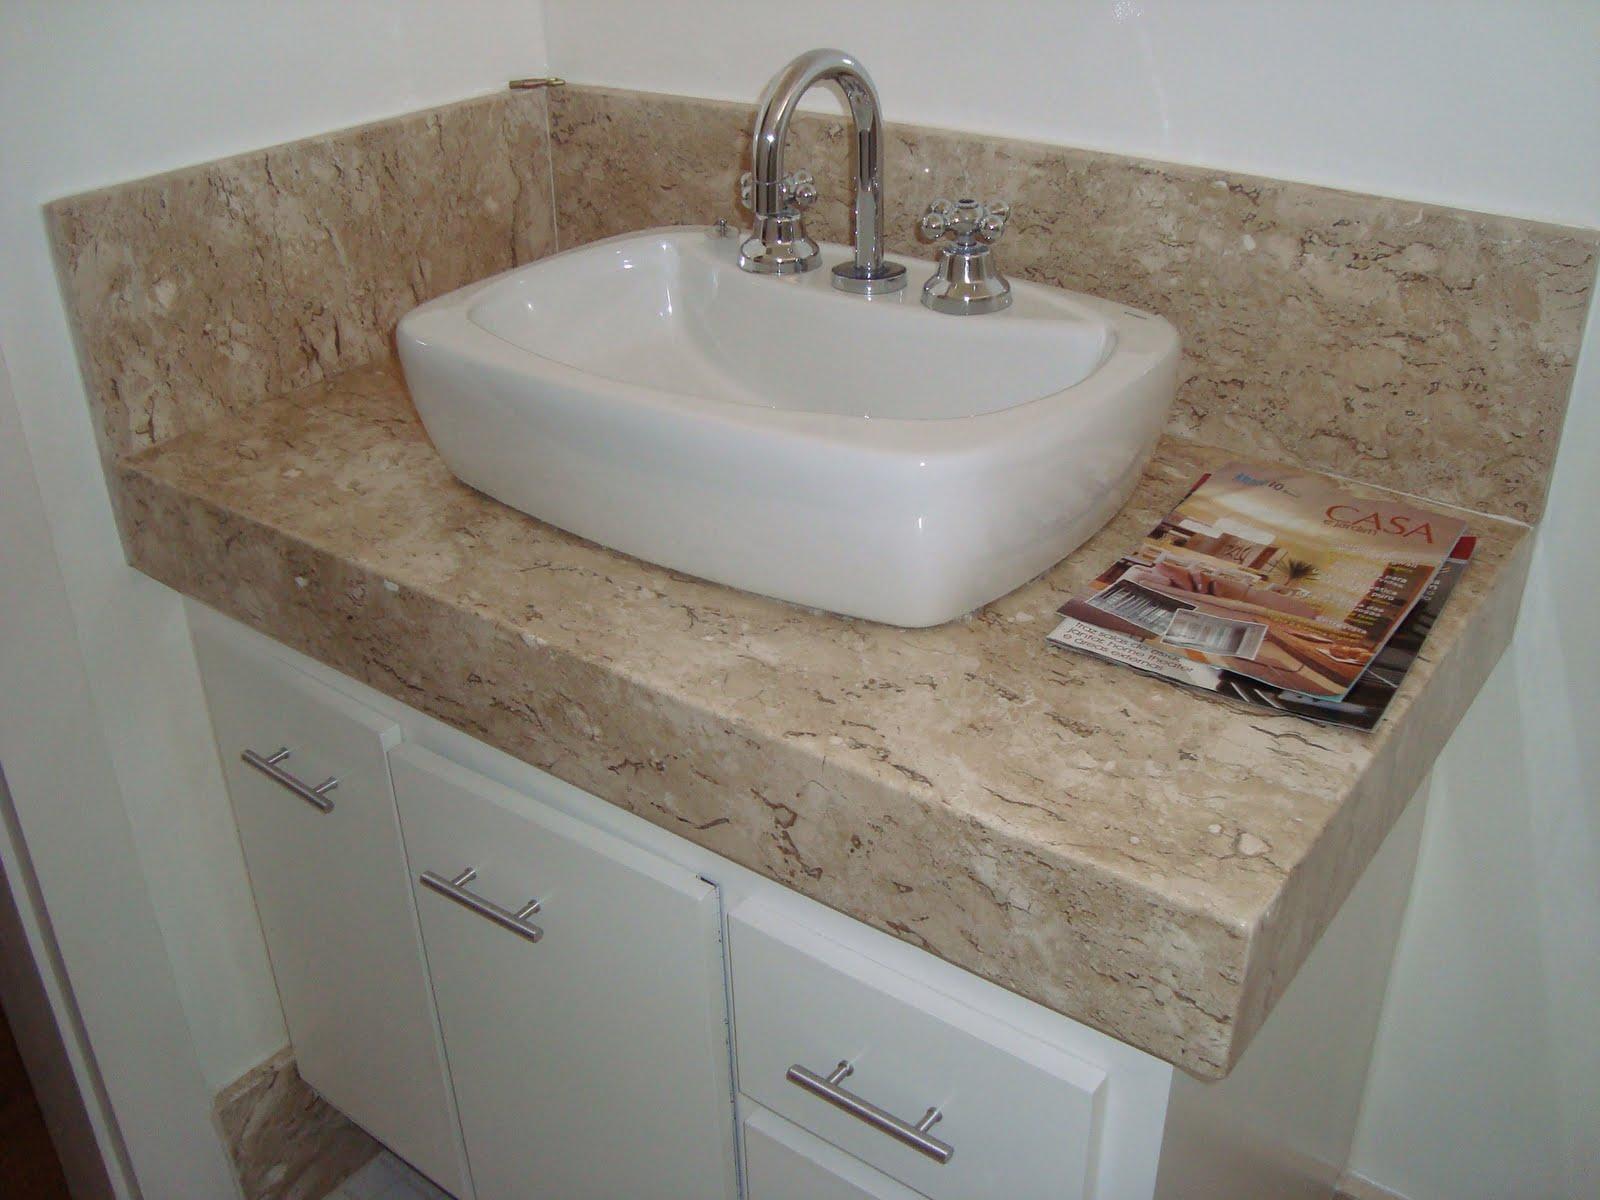 Construindo Minha Casa Clean Banheiros e Lavabos! Maravilhosos!!! -> Pia De Banheiro Aqualux